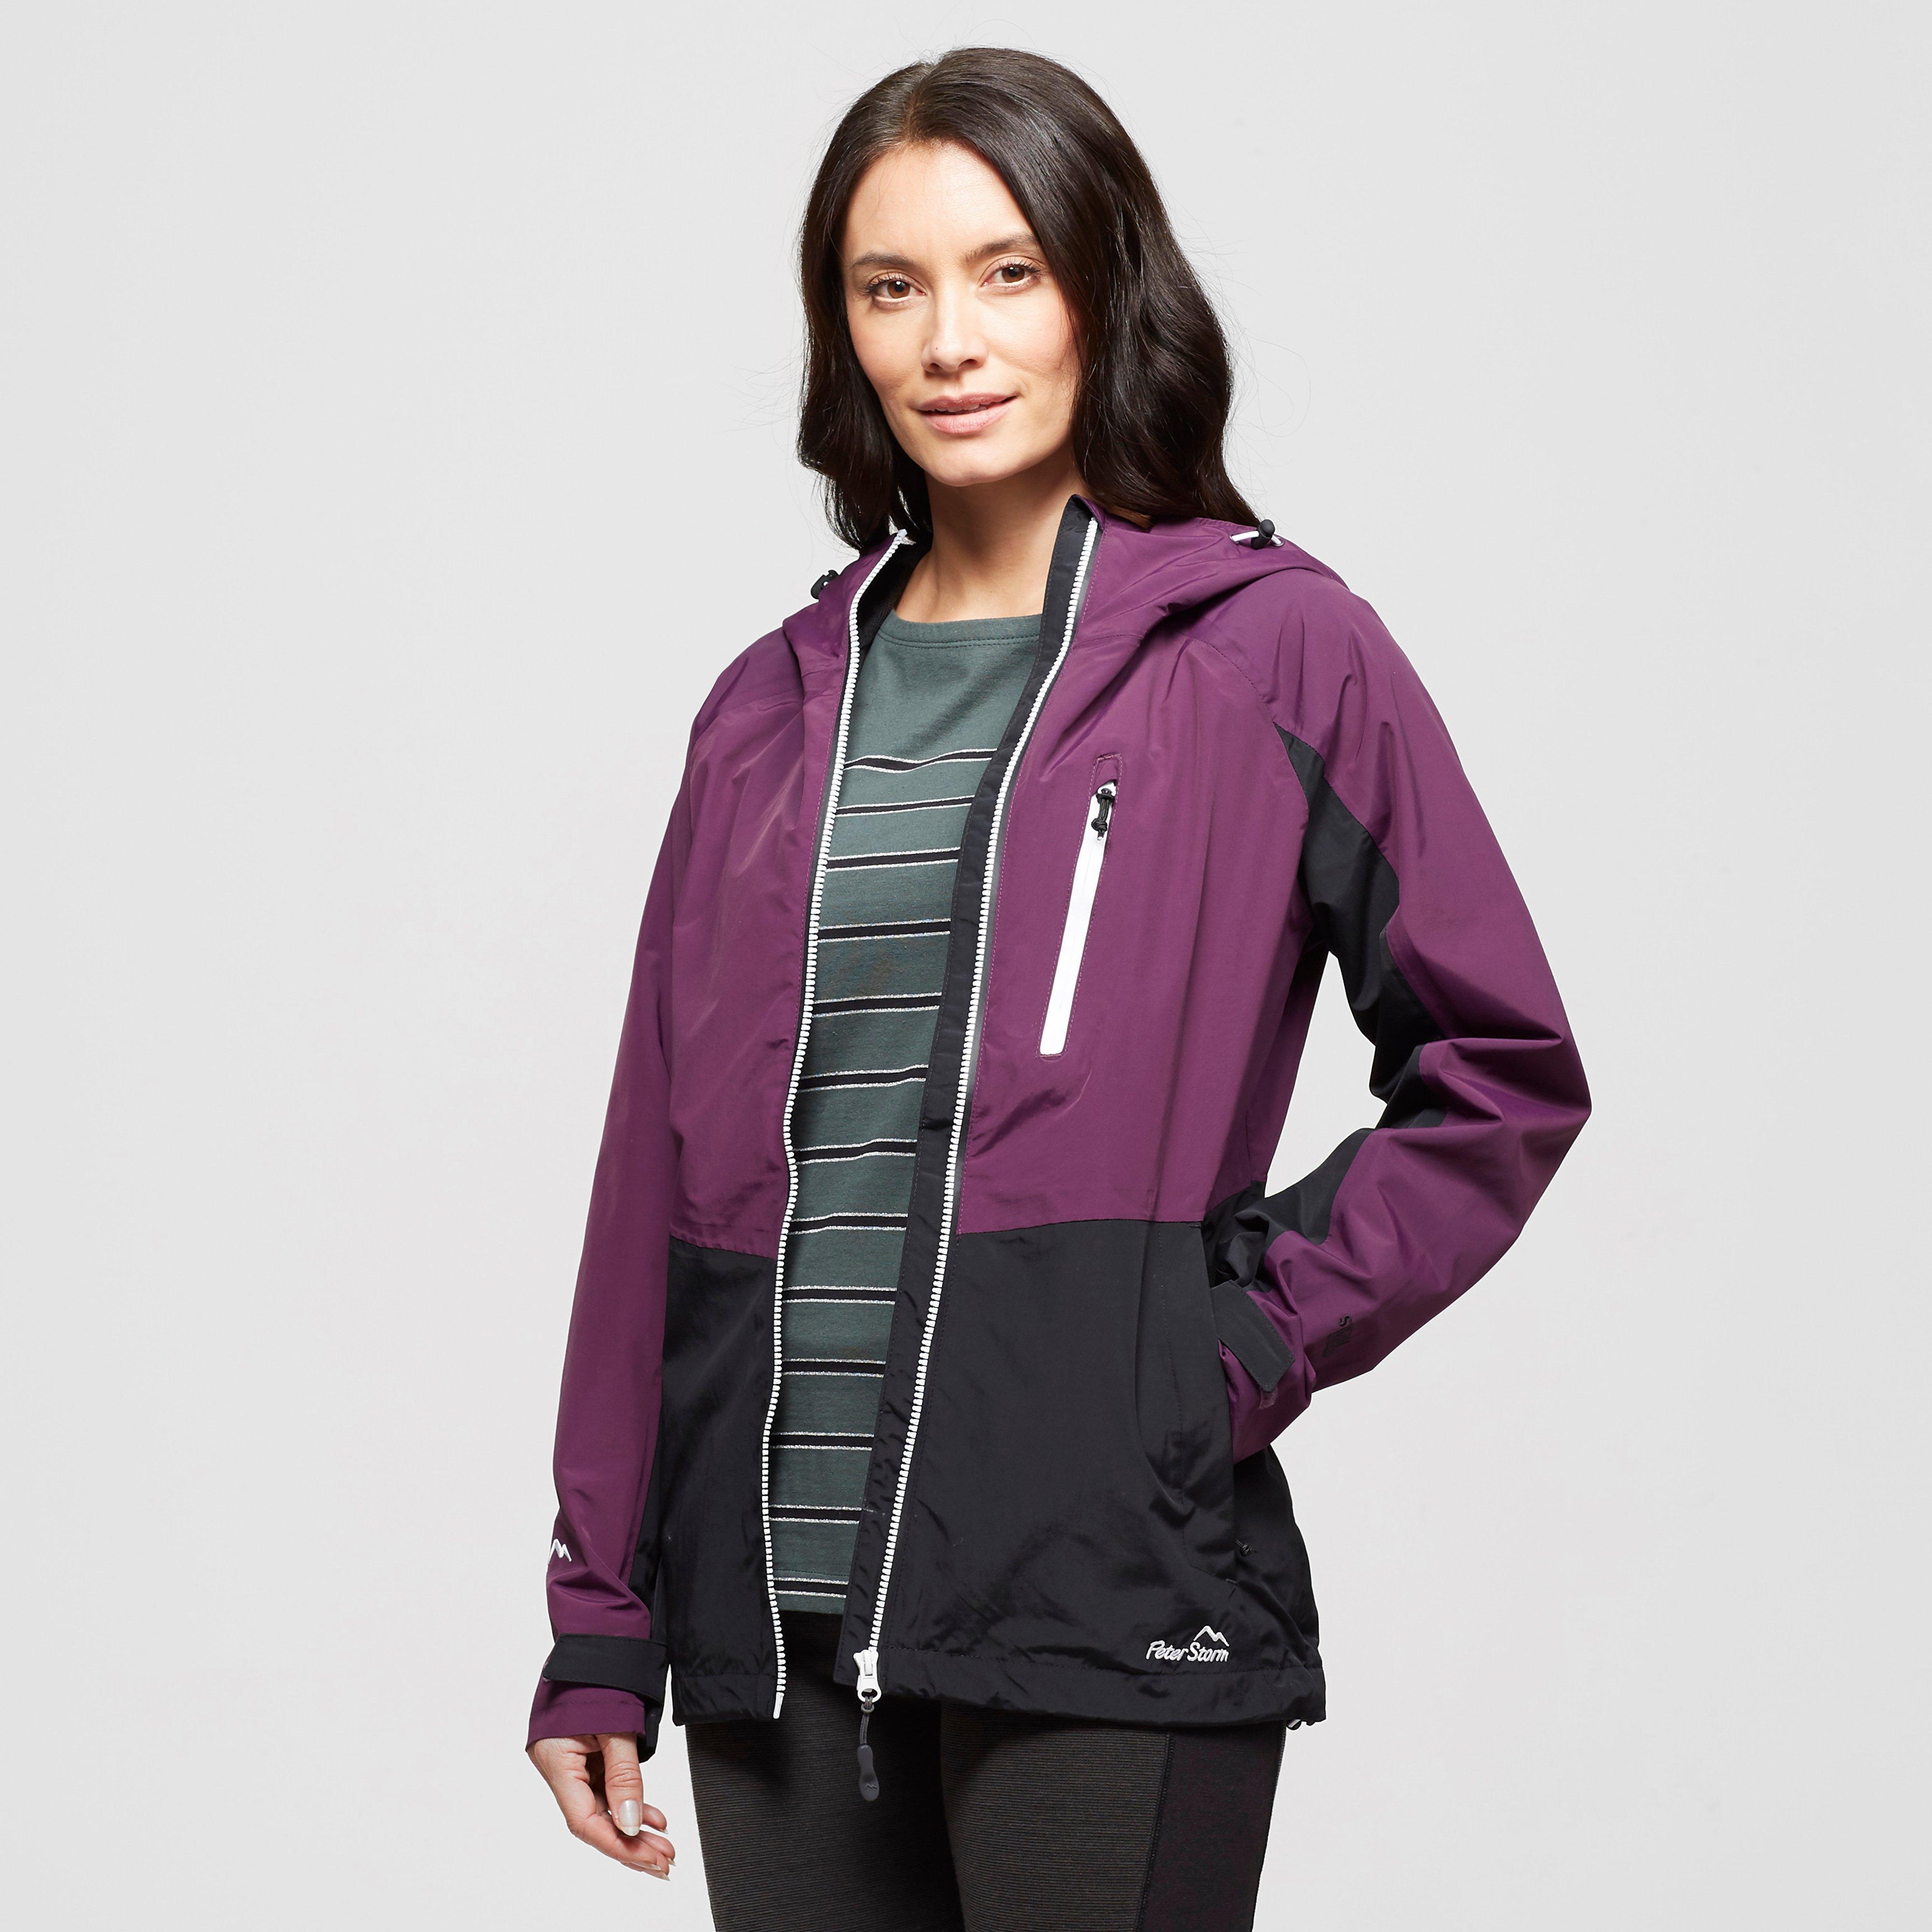 Peter Storm Women's Colourblock Waterproof Jacket - Purple/Pur, Purple